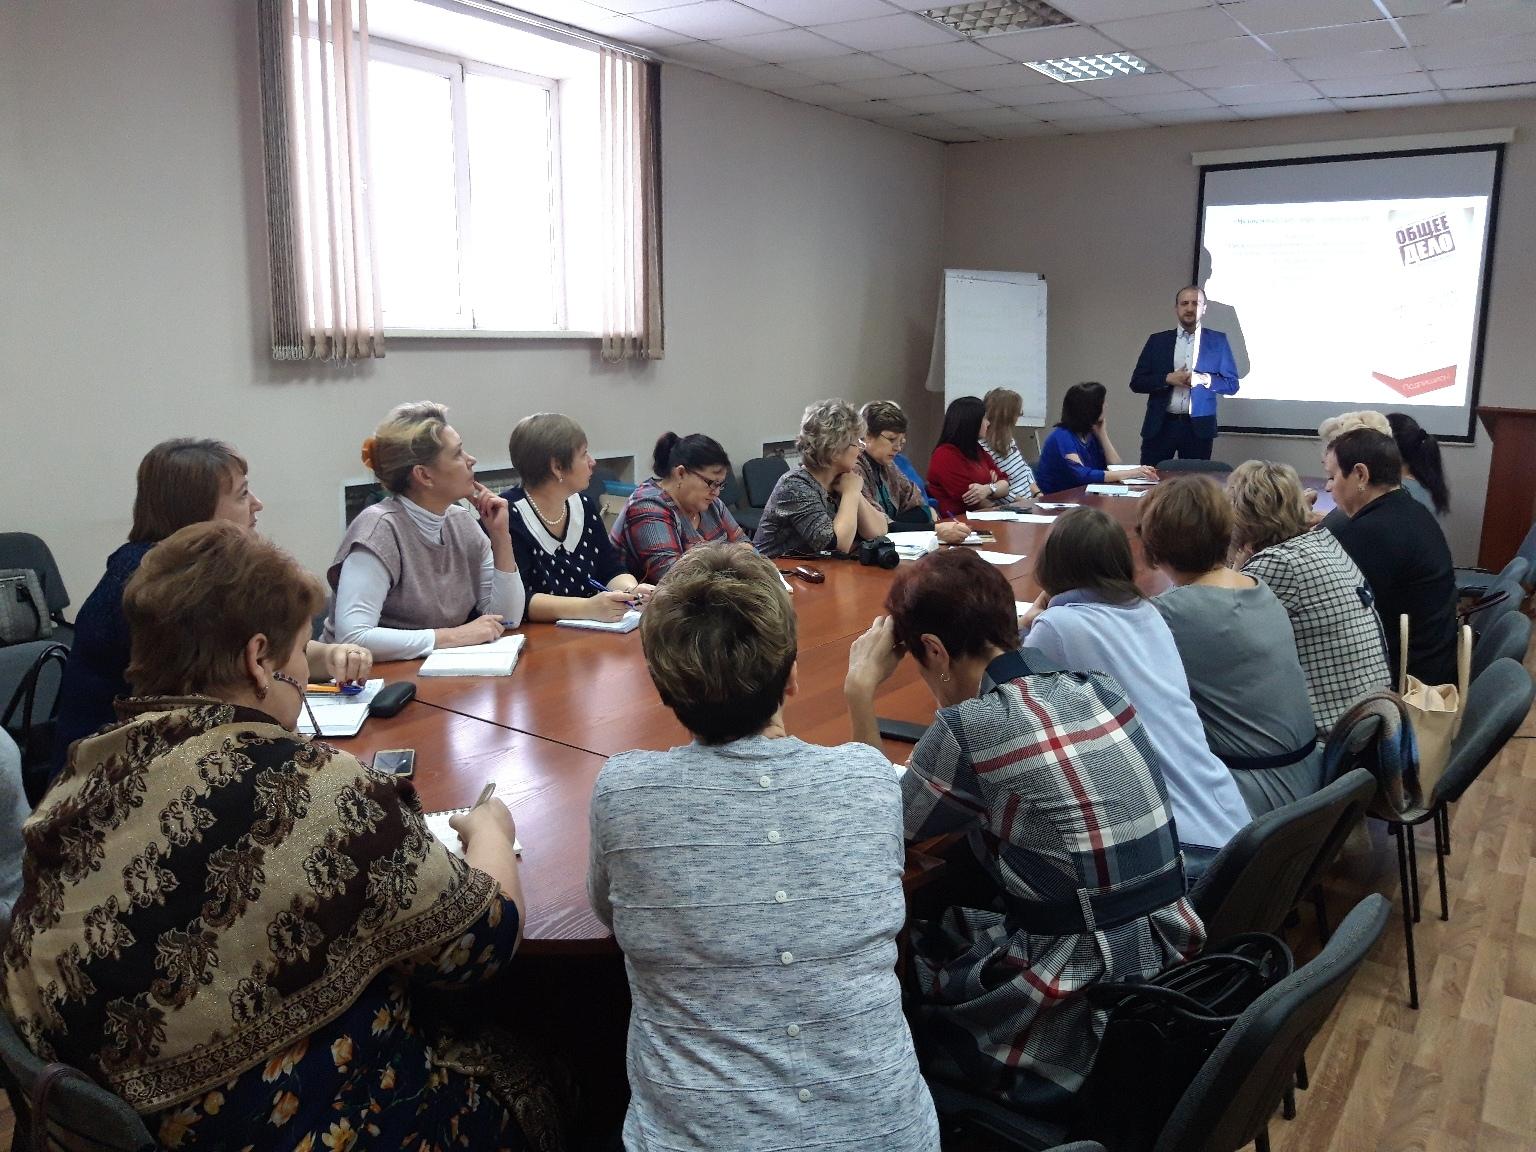 Общее дело для педагогов образовательных учреждений Емельяновского района Красноярского края